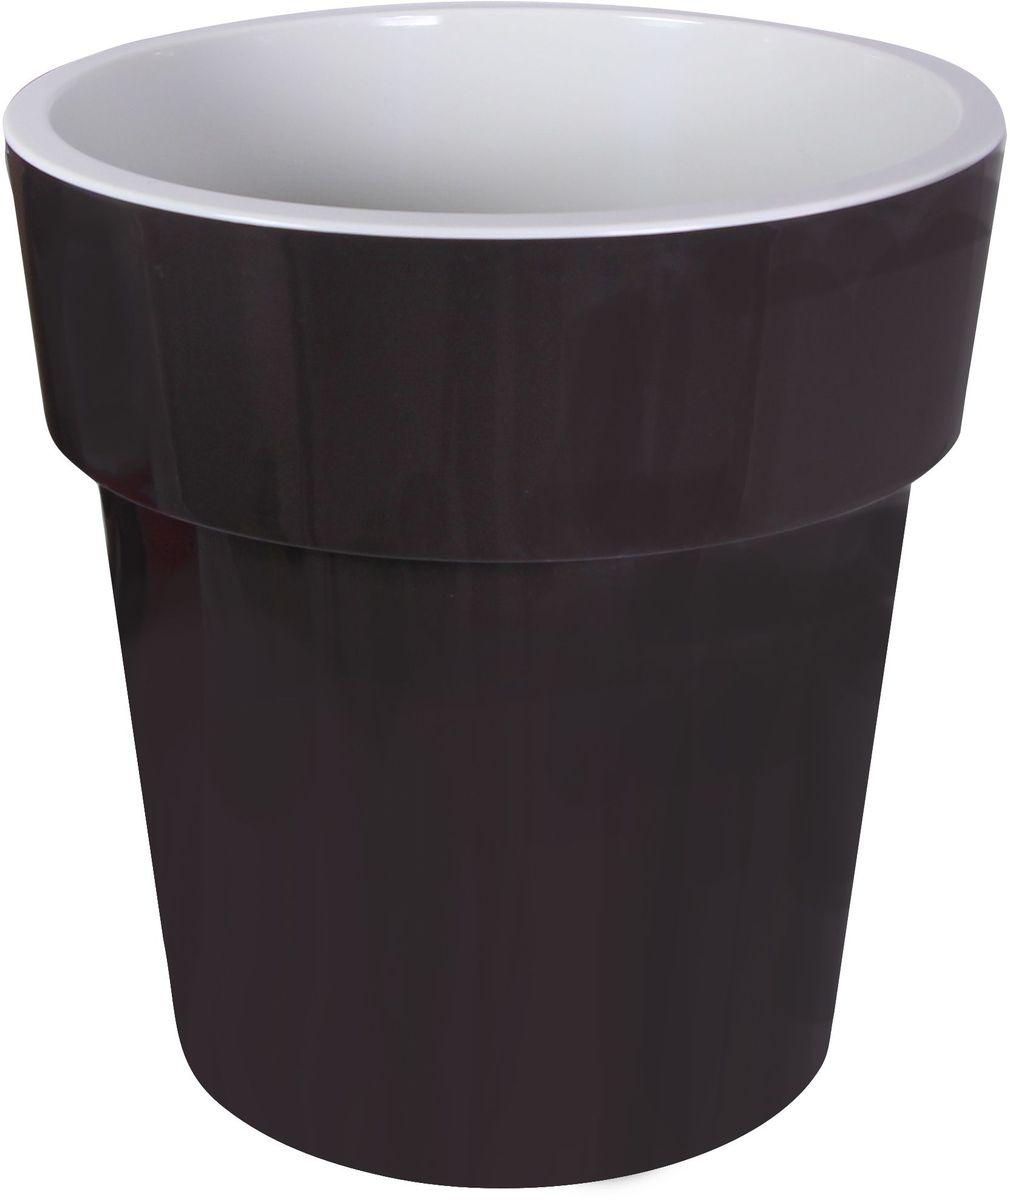 Кашпо Idea Тубус, цвет: коричневый, диаметр 25 см531-401Кашпо Idea Тубус изготовлено из прочного пластика. Изделие прекрасно подходит для выращивания растений и цветов в домашних условиях. Стильный современный дизайн органично впишется в интерьер помещения.Диаметр кашпо: 25 см. Высота кашпо: 25 см.